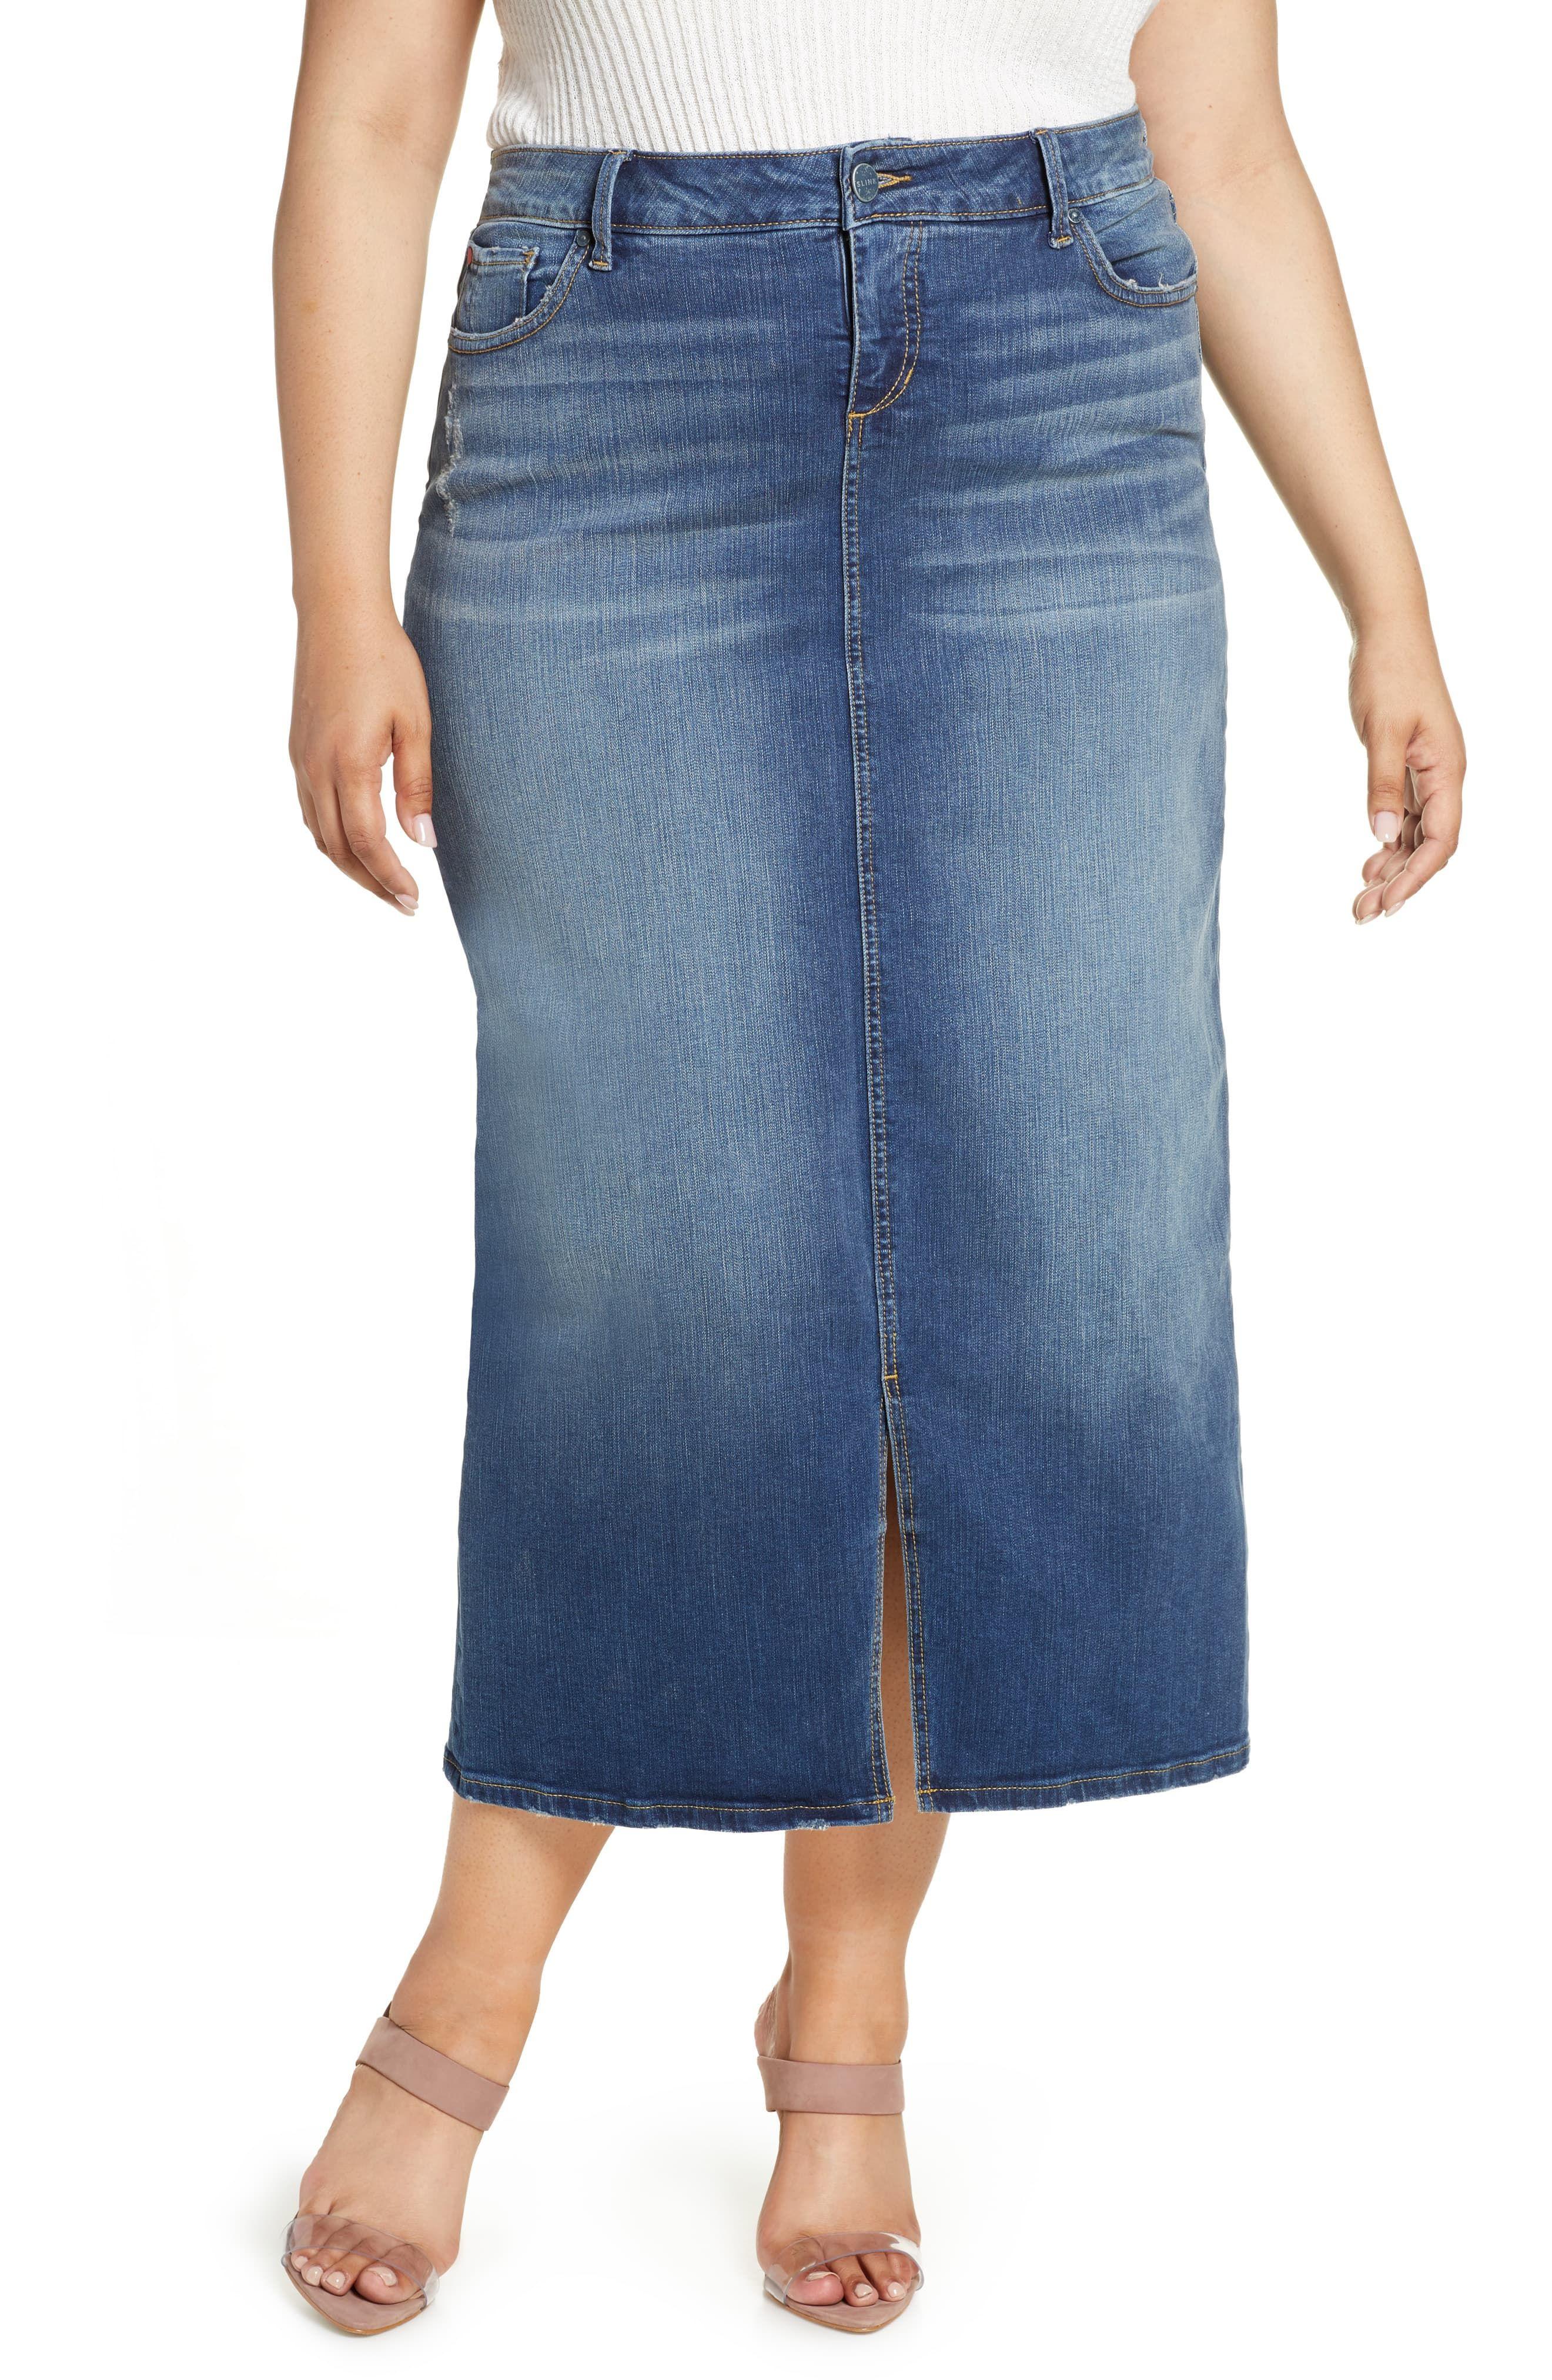 Evans Plus Size Long Knee length Denim Shorts Black Navy Blue Indigo Washed